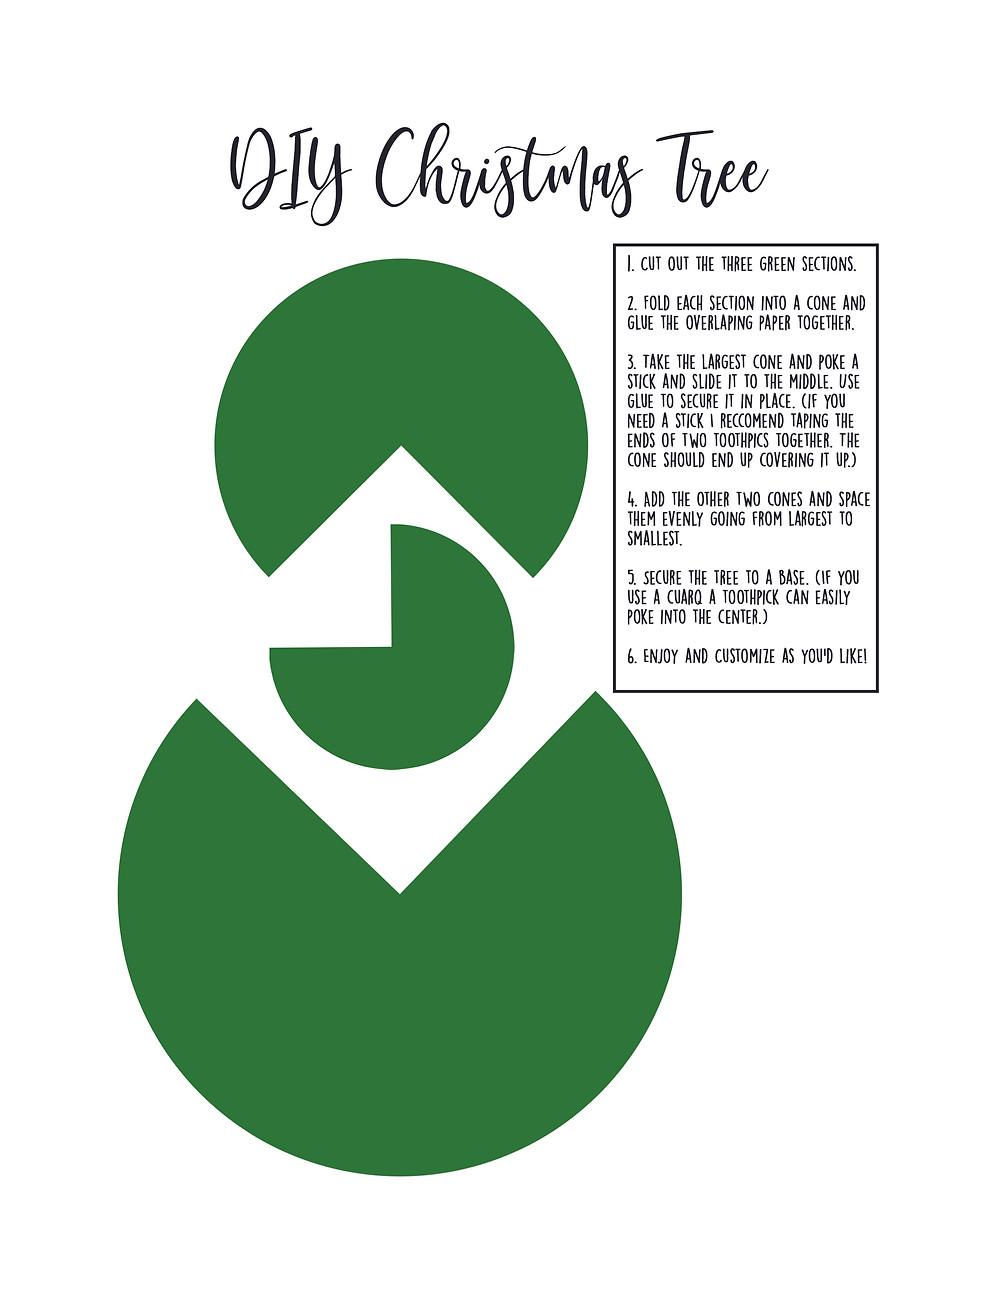 DIY Christmas tree with a free printable